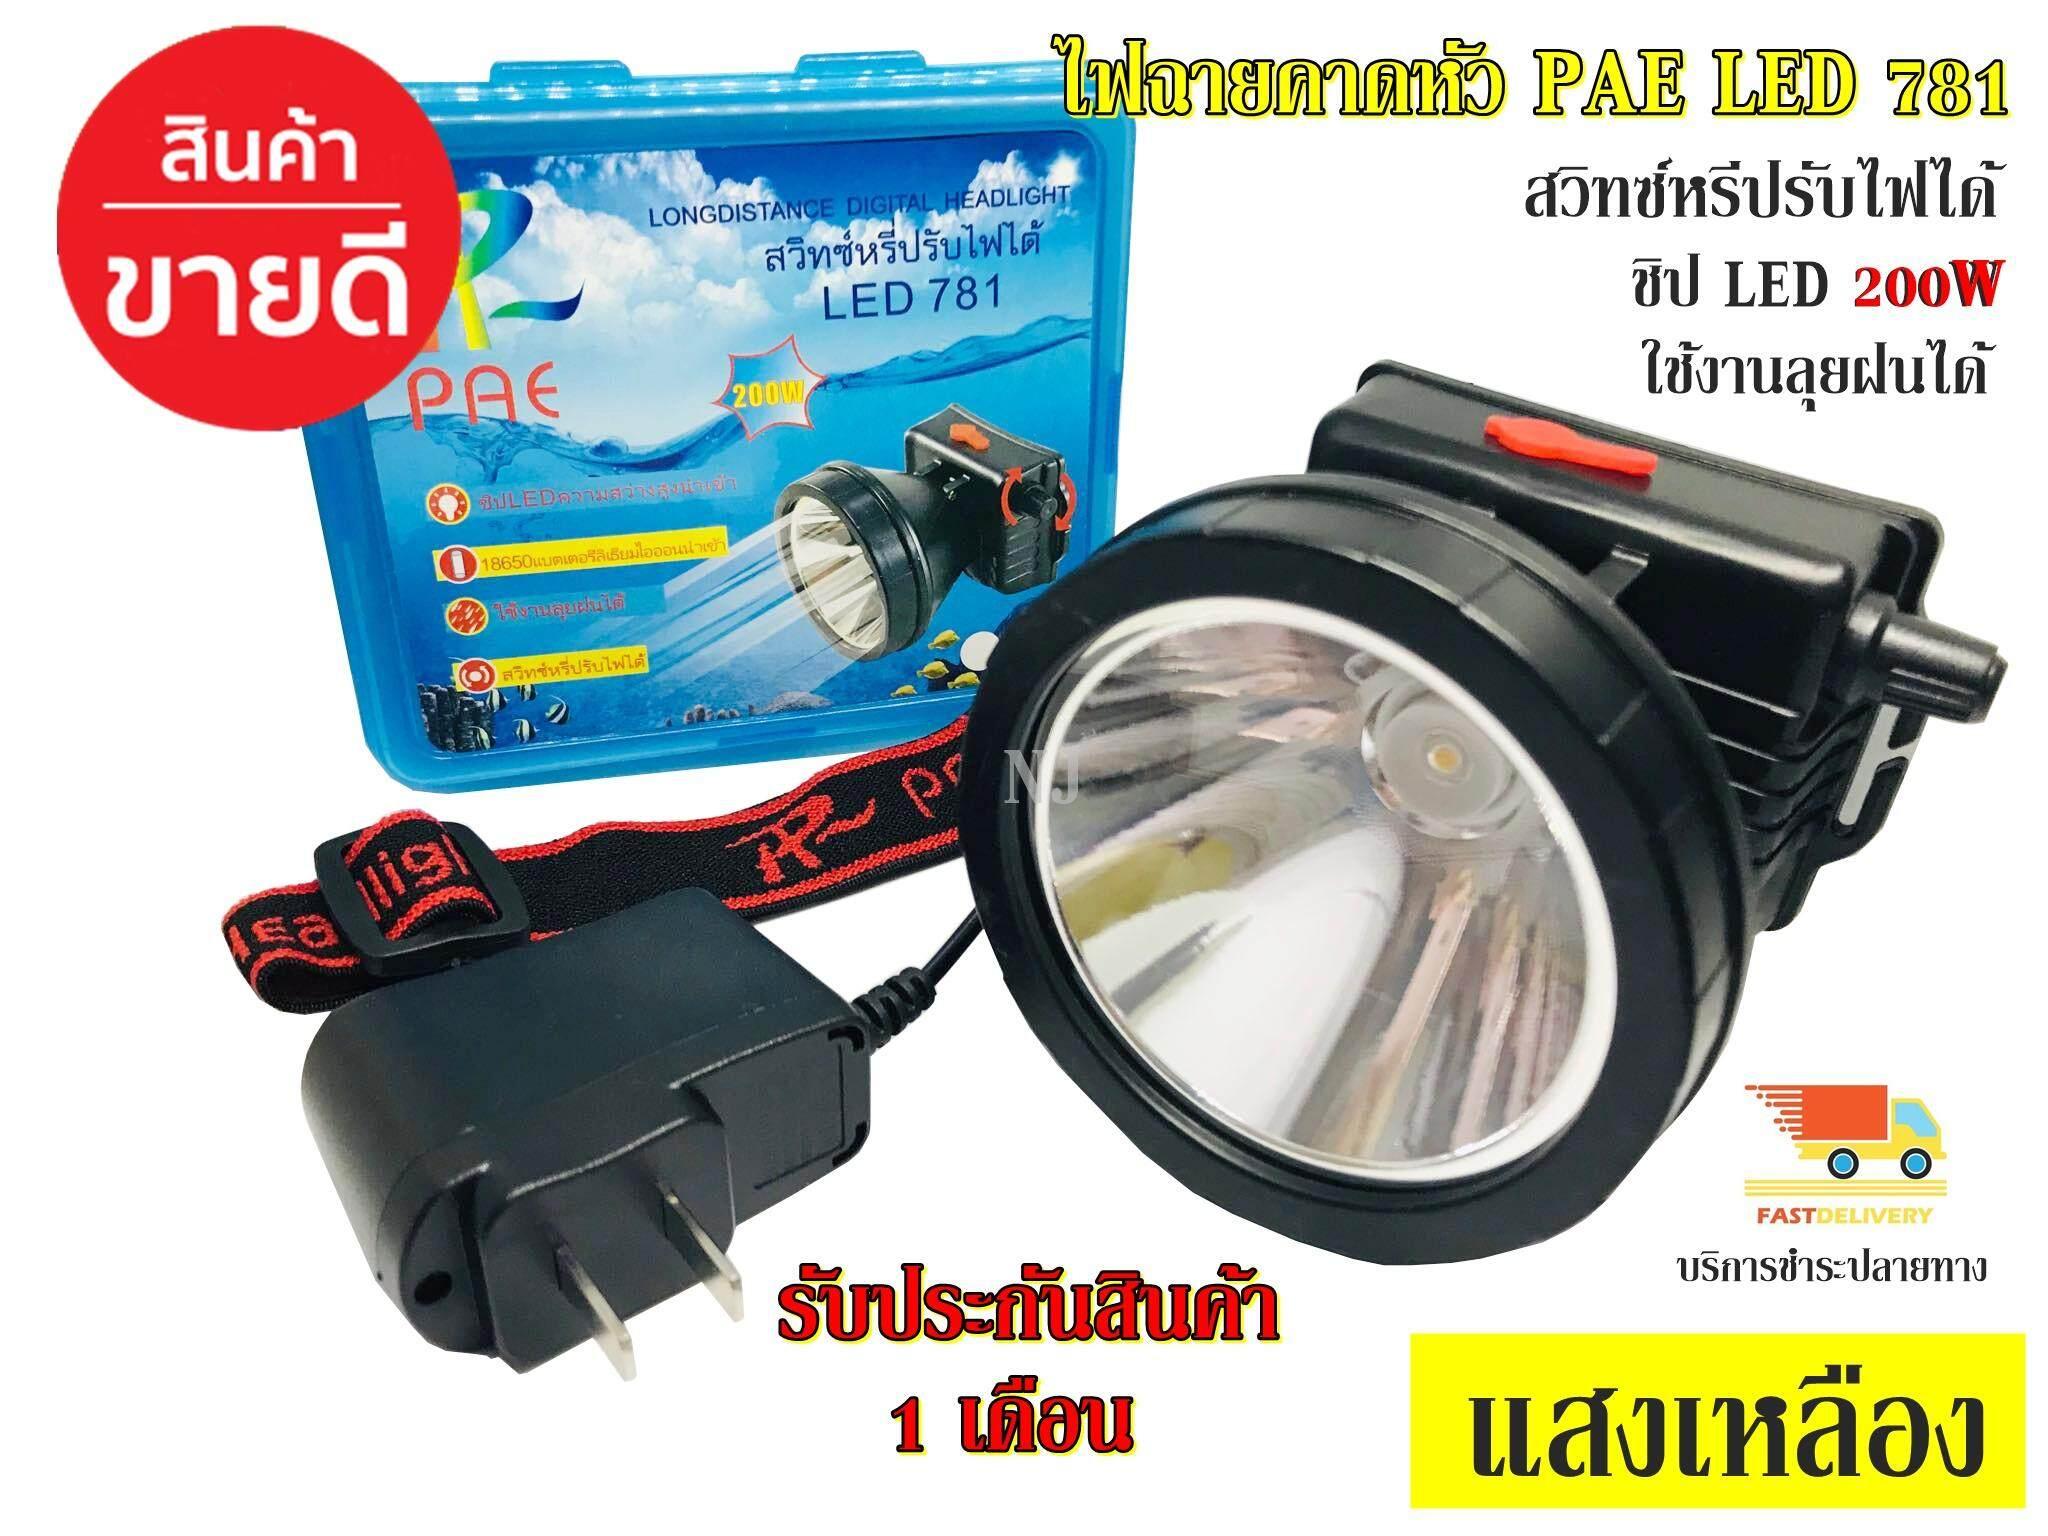 ไฟฉายคาดหัว ใช้งานลุยฝน รุ่น PAE PL-781 แสงสีขาว/เหลือง ไฟฉายคาดศรีษะ ยี่ห้อ PL LED 200W รับประกันสินค้า 1 เดือน